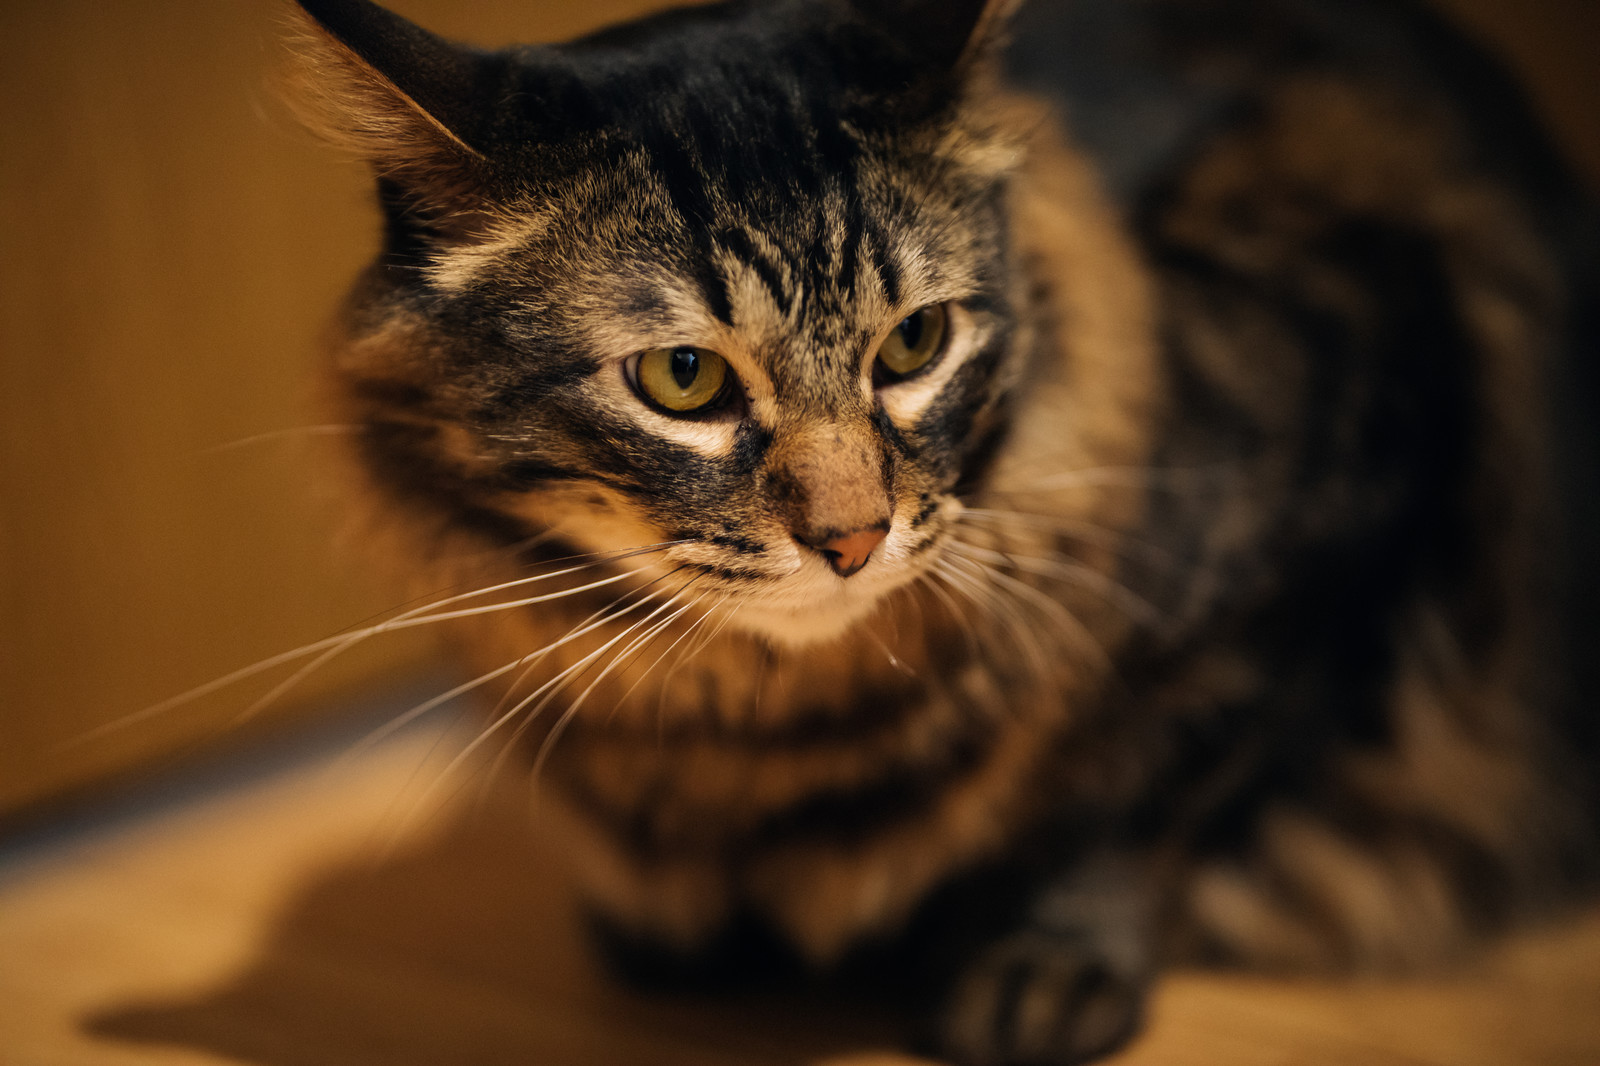 「おあずけ猫おあずけ猫」のフリー写真素材を拡大